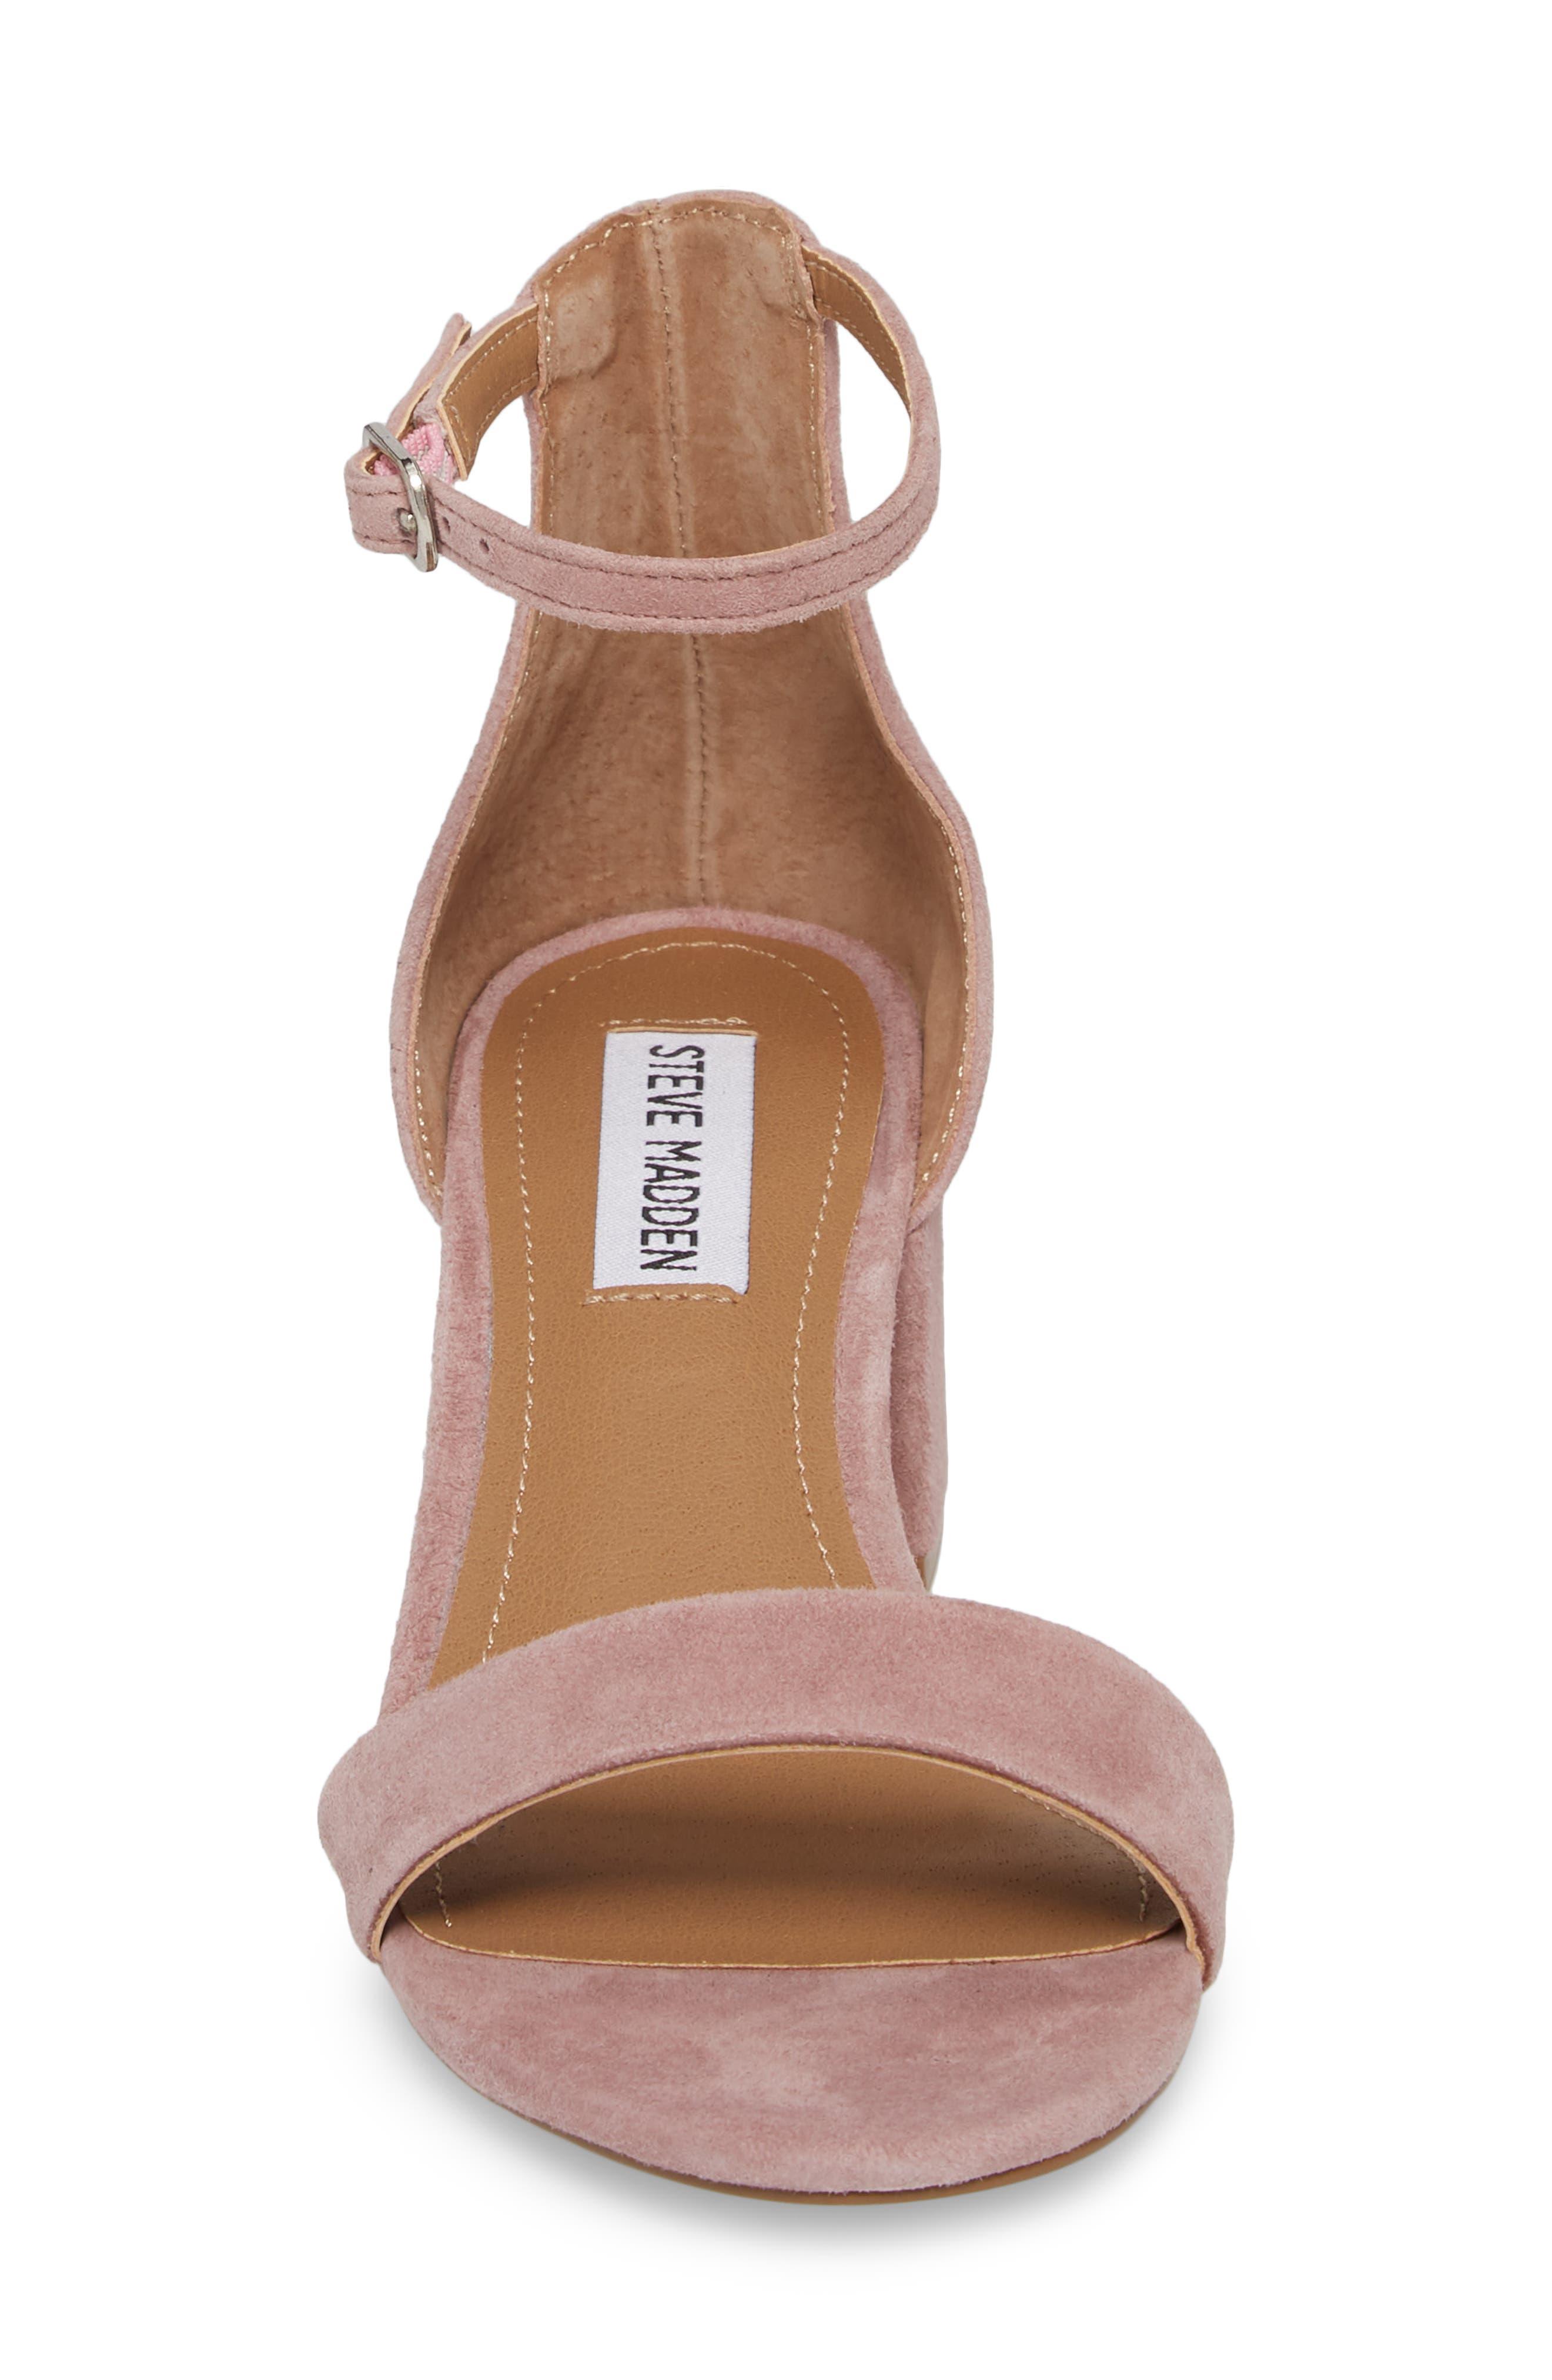 Irenee Ankle Strap Sandal,                             Alternate thumbnail 97, color,